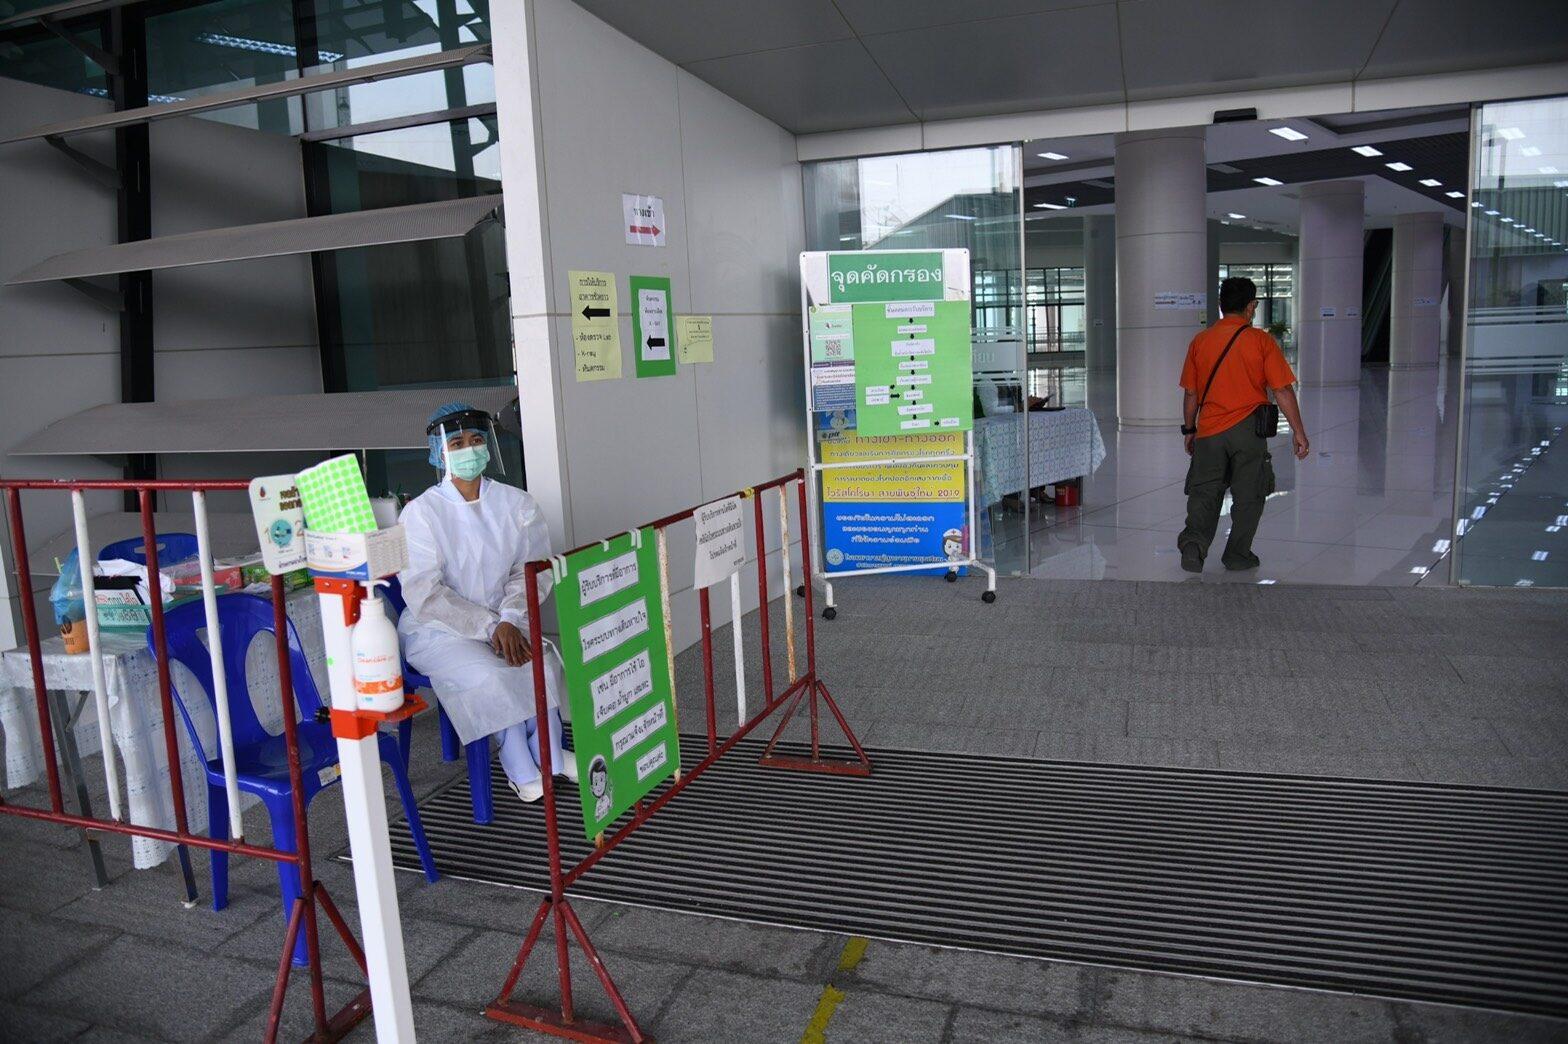 กทม.ปรับ รพ.ผู้สูงอายุบางขุนเทียน เป็นโรงพยาบาลสนาม รับผู้ป่วยโควิด-19 ได้ 509 เตียง